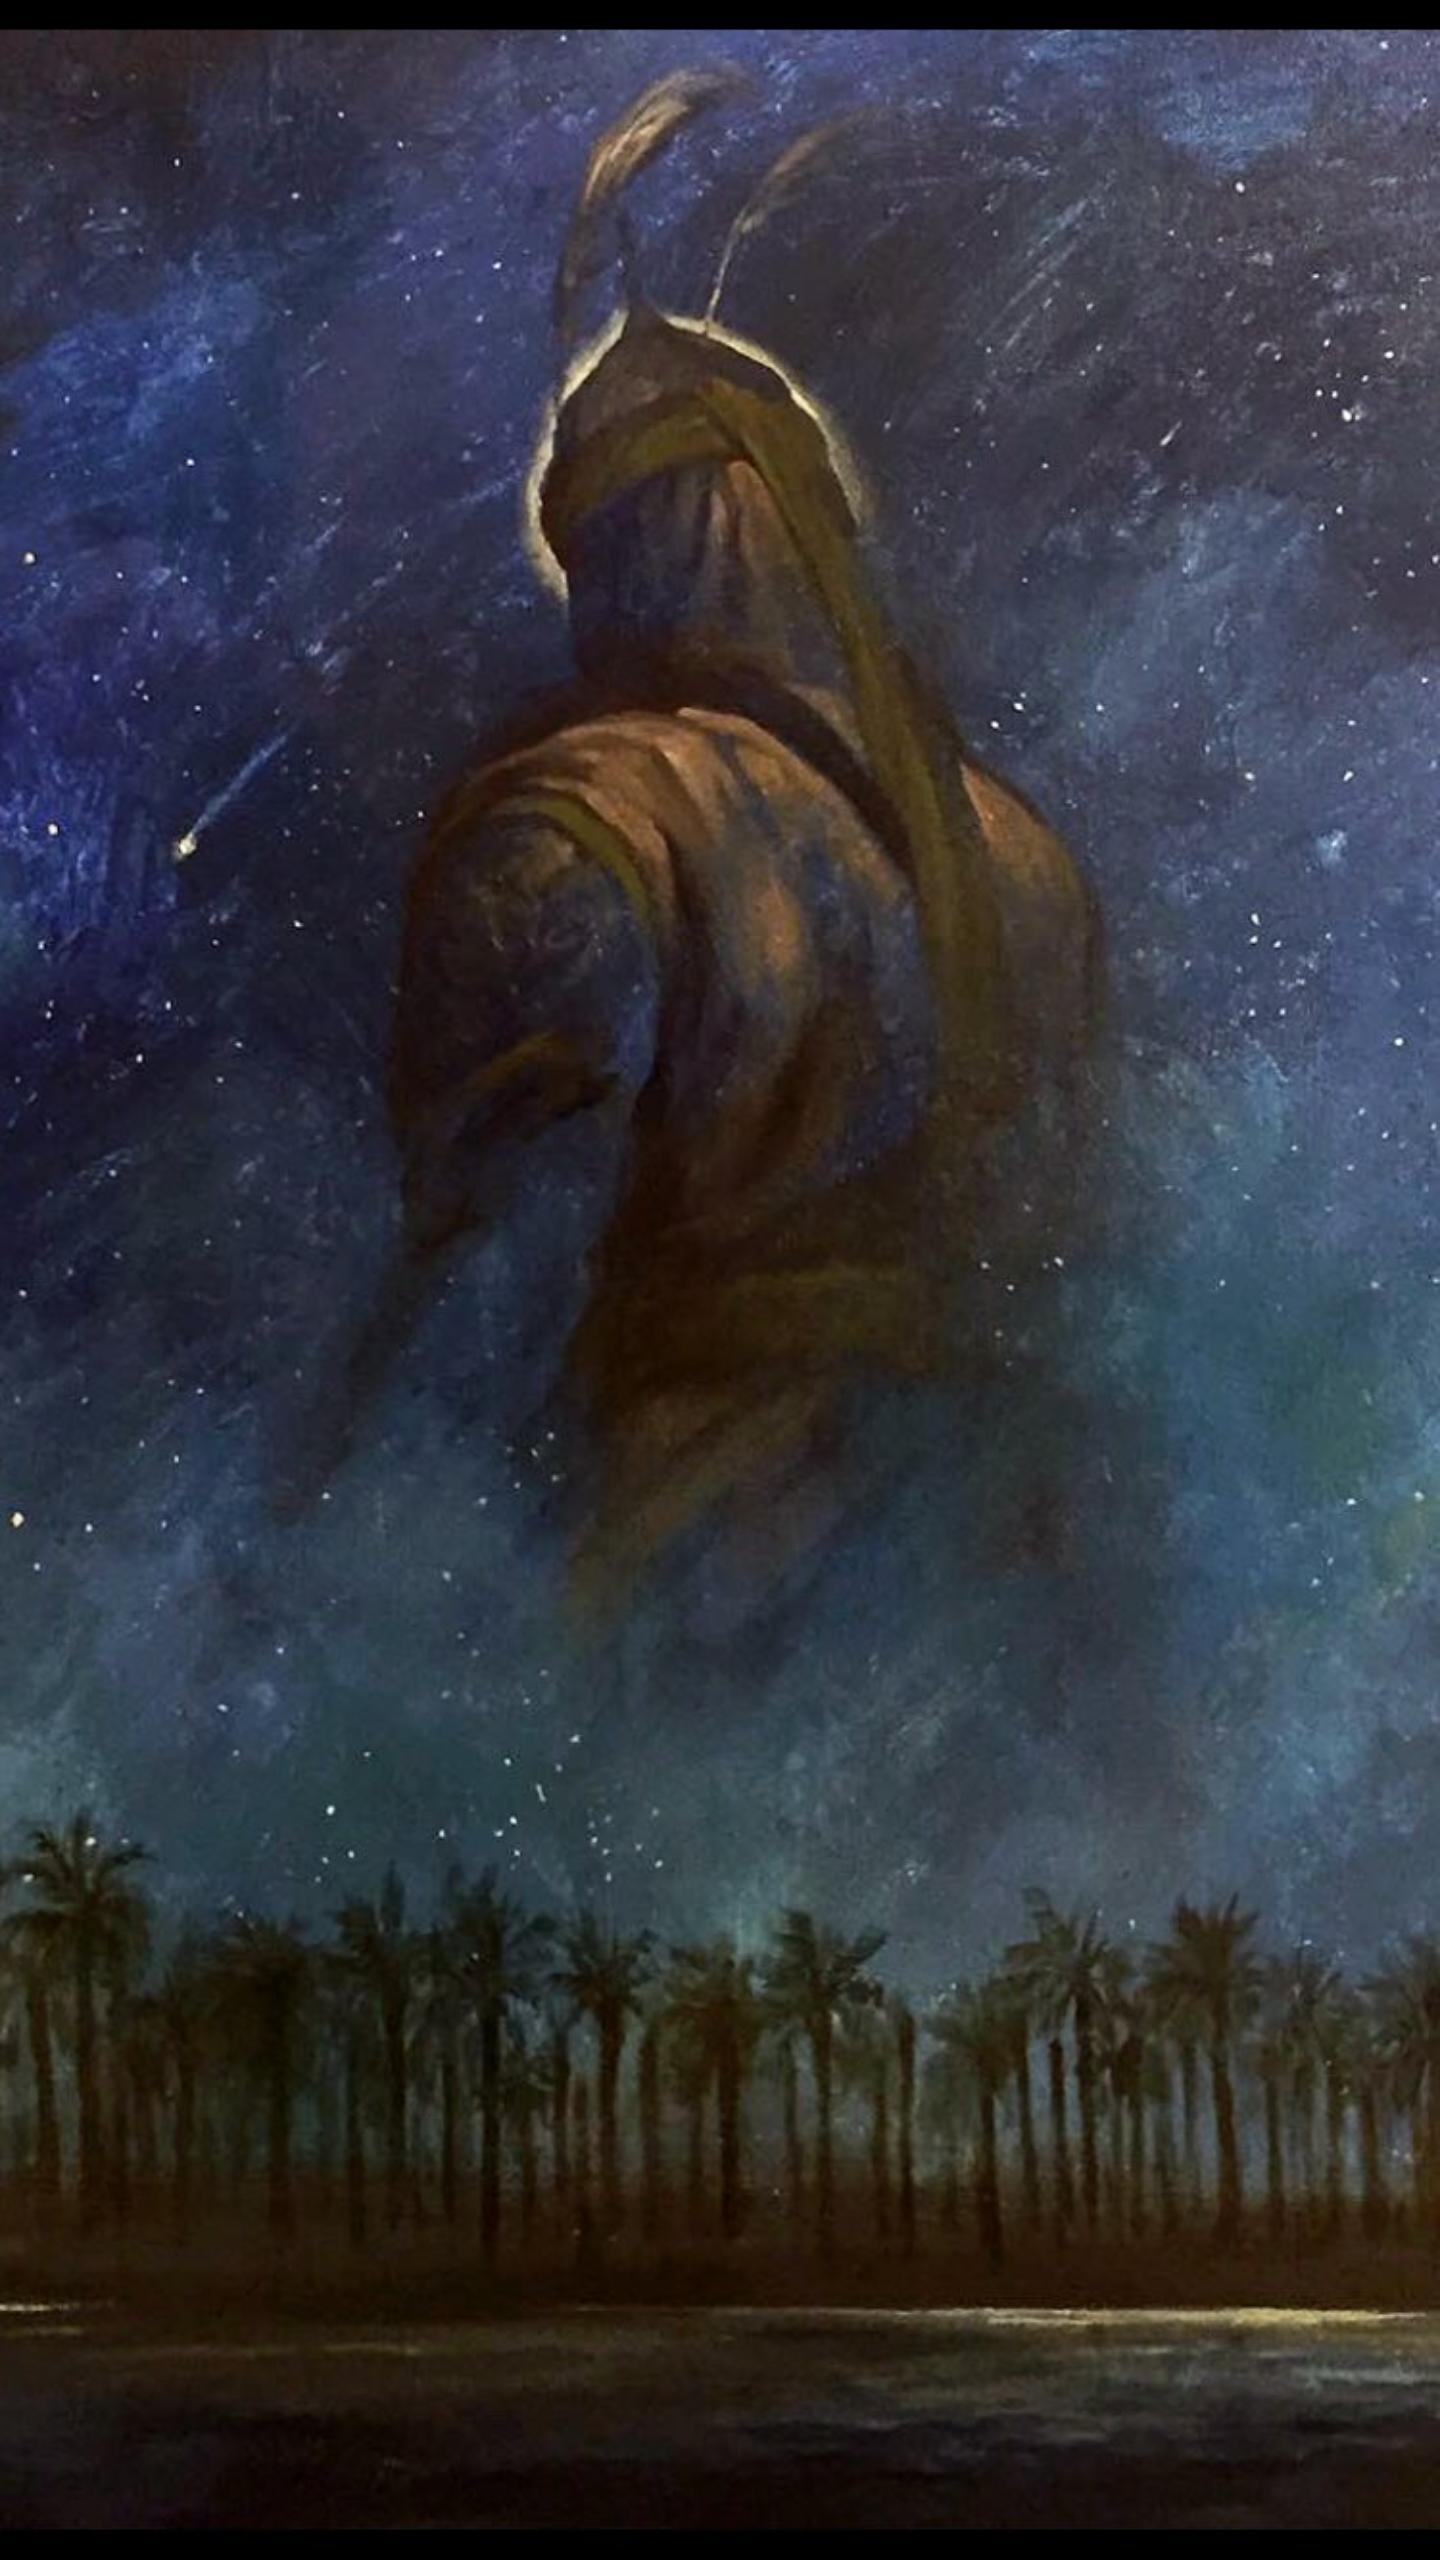 لوحة الرسام الإيراني حسن روح الأمين أبي الفضل العباس بن علي بن أبي طالب Islamic Paintings Islamic Artwork Mosque Art